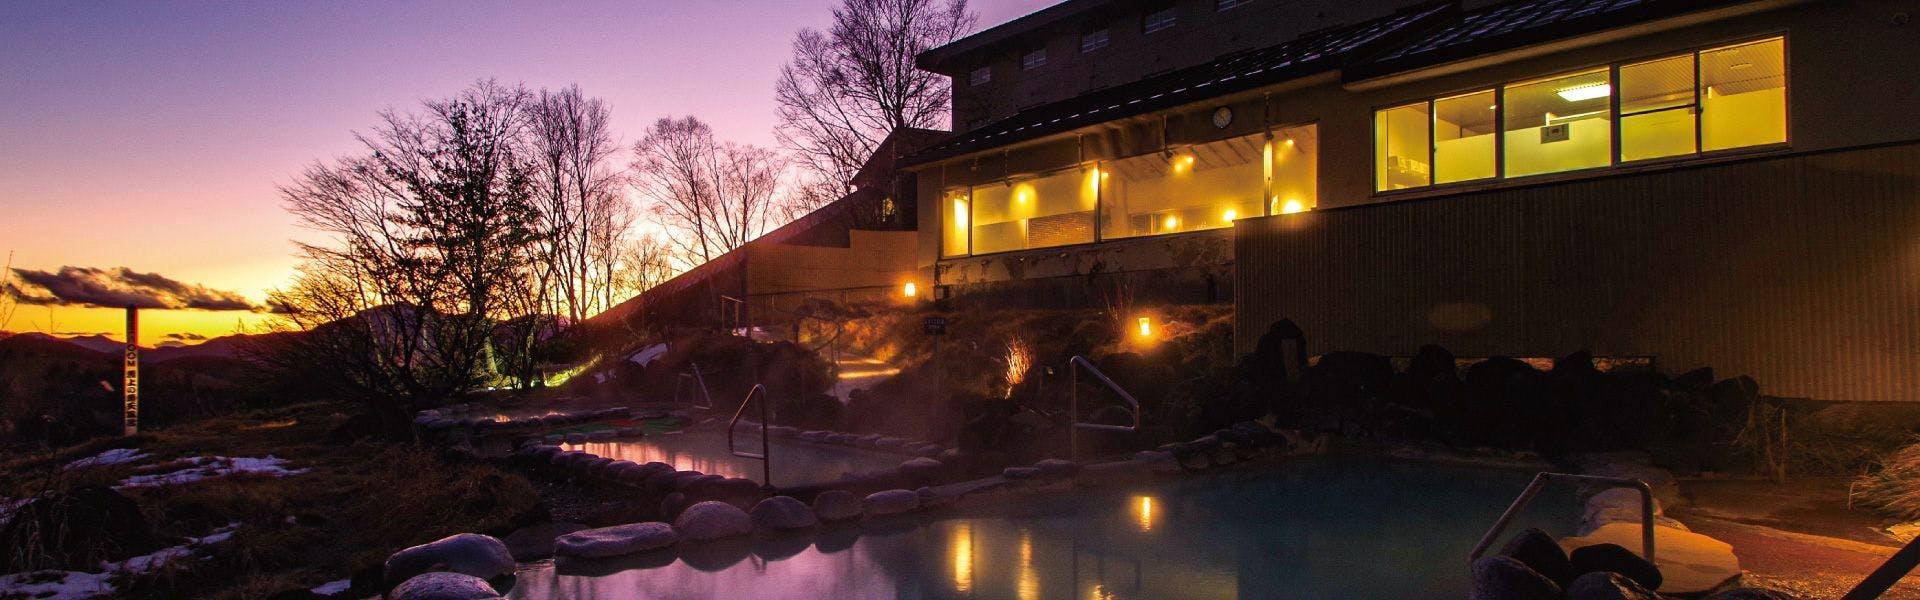 記念日におすすめのホテル・【万座プリンスホテル】の写真1